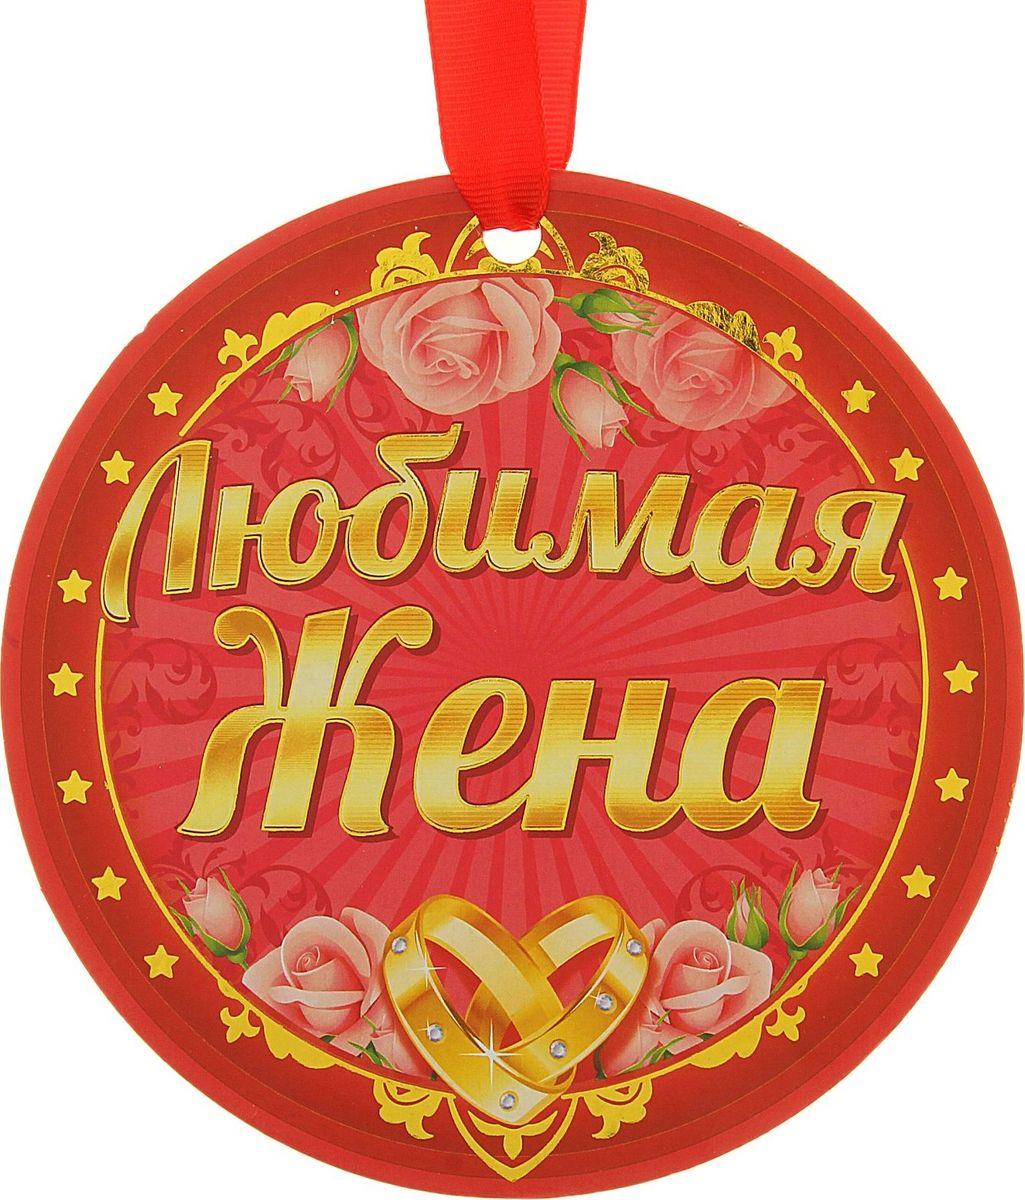 """Медаль-гигант """"Любимая жена"""" с ярким дизайном, изготовленная из плотного картона, радует глаз своим внушительным размером. На оборотной стороне медали вы найдете позитивные слова о том, чем же отличился именно этот человек! Такая яркая награда обязательно придется по вкусу тому, кто любит быть в центре внимания. Будь то шумная свадьба, день рождения или торжественный юбилей – медаль станет отличным дополнением к атмосфере праздника и всеобщего веселья!"""